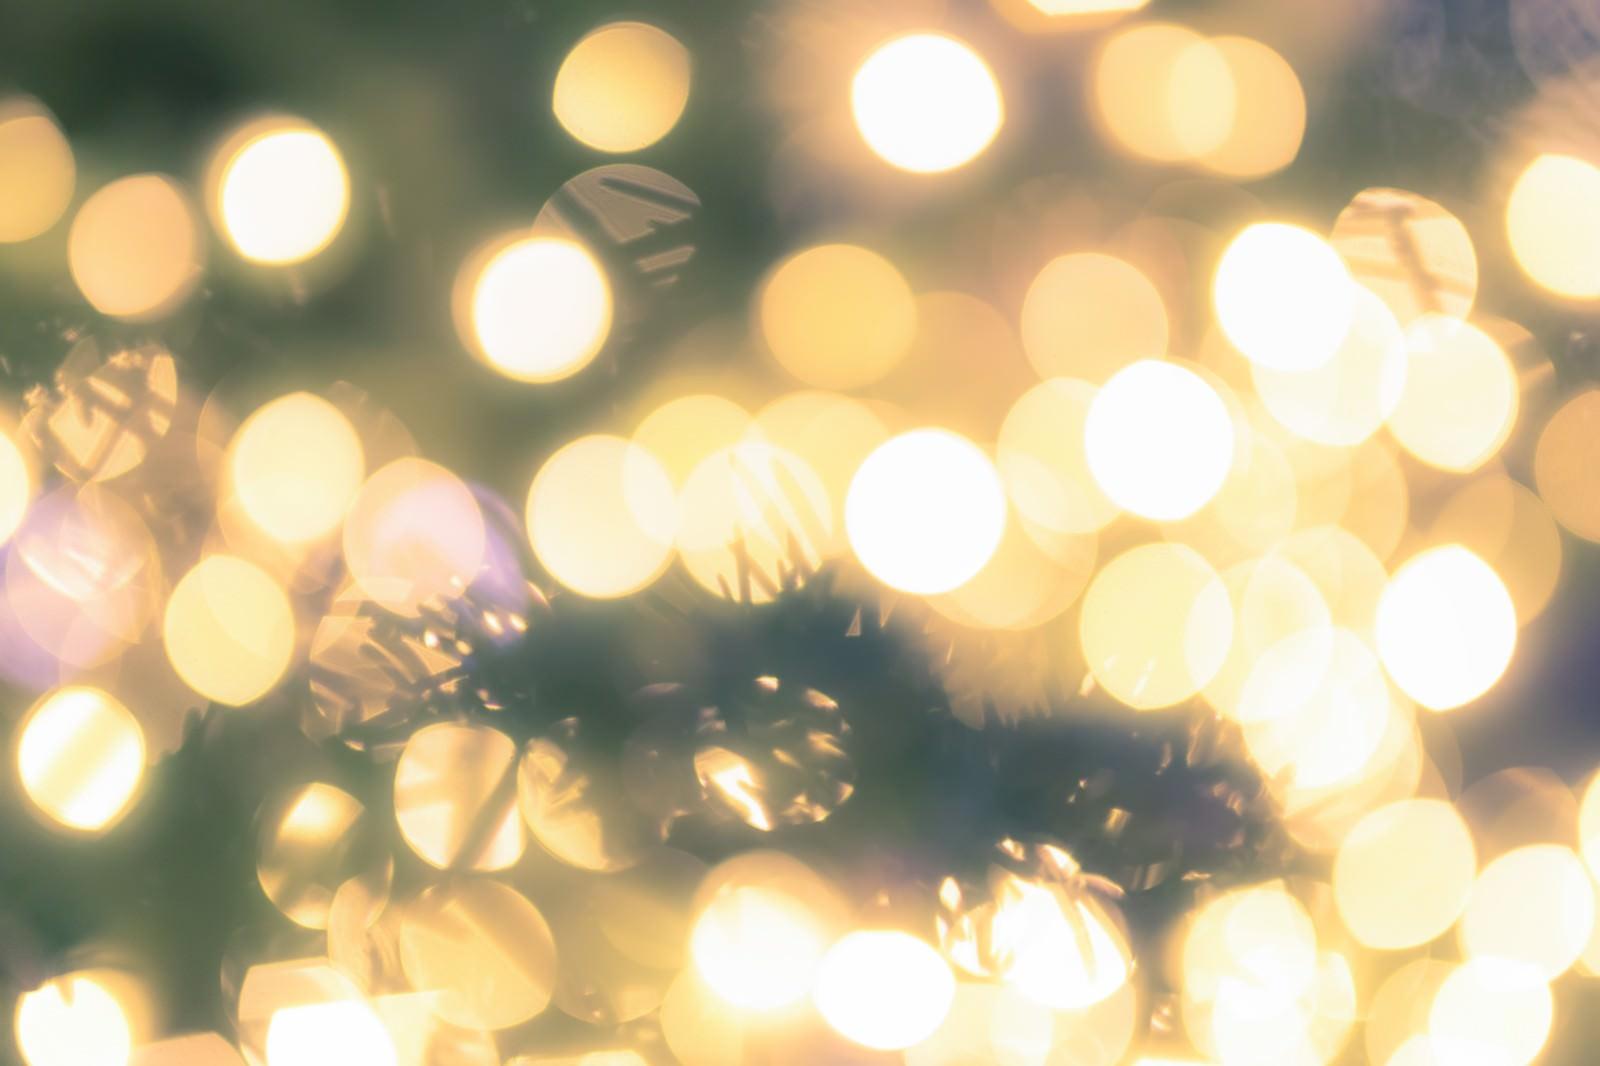 「クリスマスツリーとイルミネーション」の写真